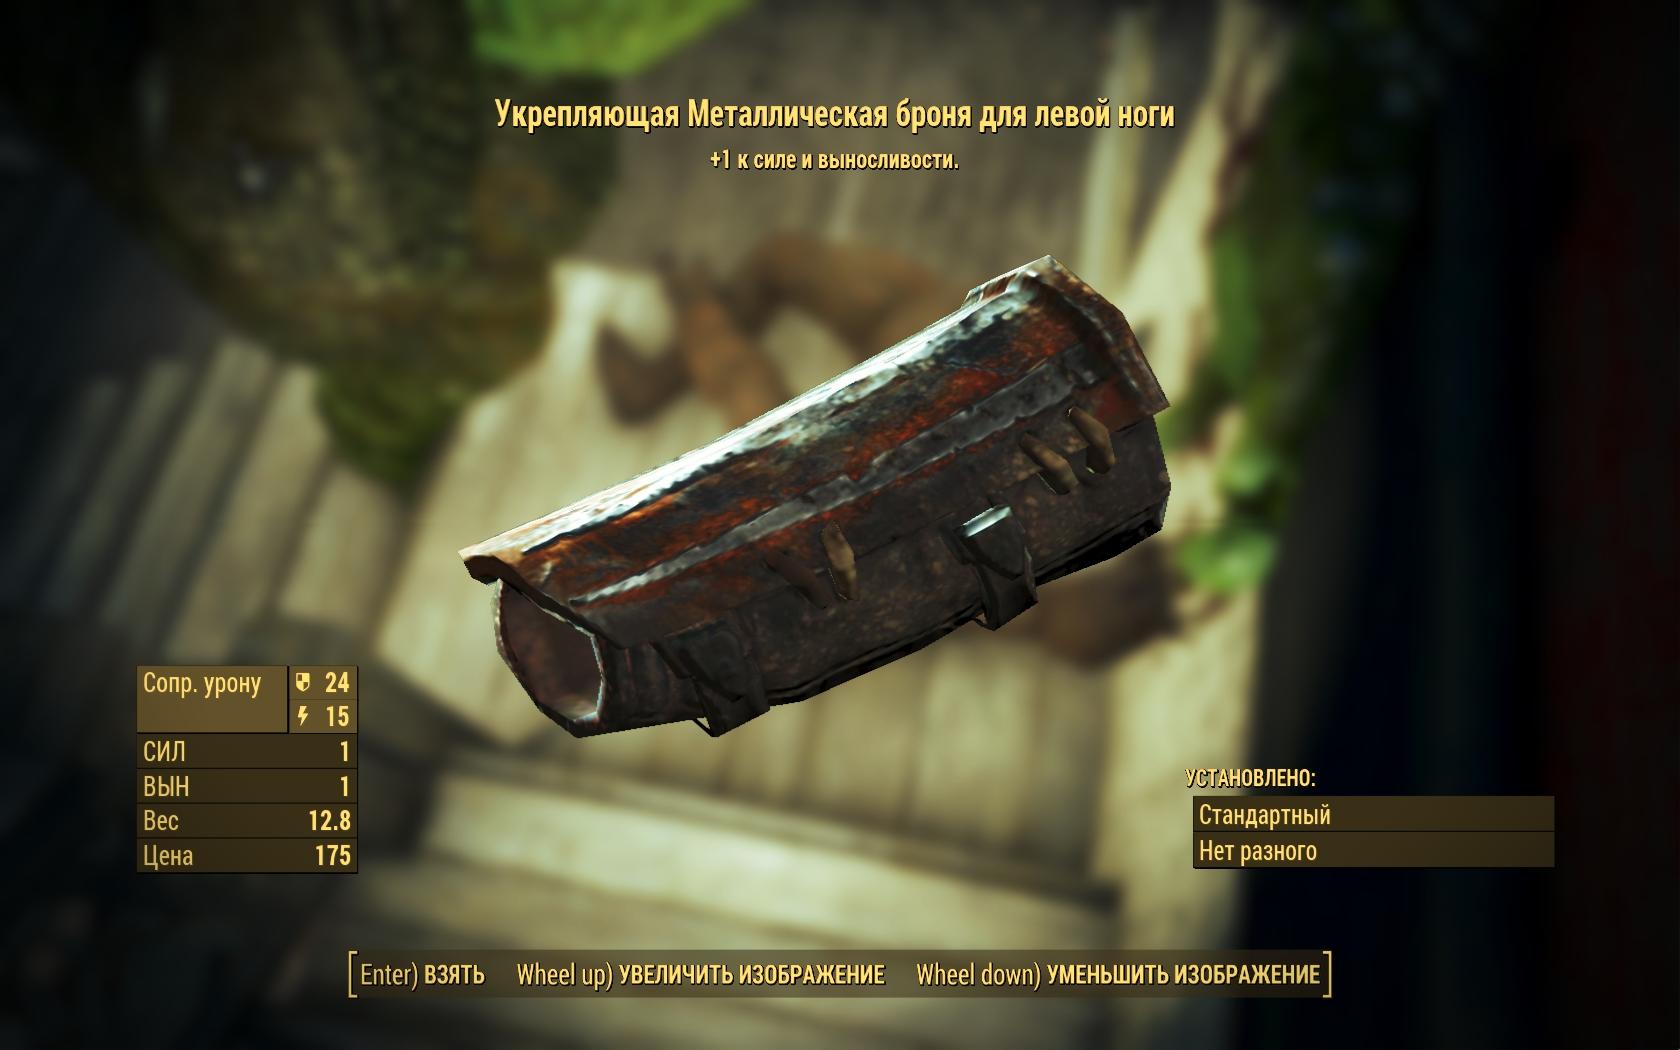 Укрепляющая металлическая броня для левой ноги - Fallout 4 броня, металлическая, Одежда, Укрепляющая